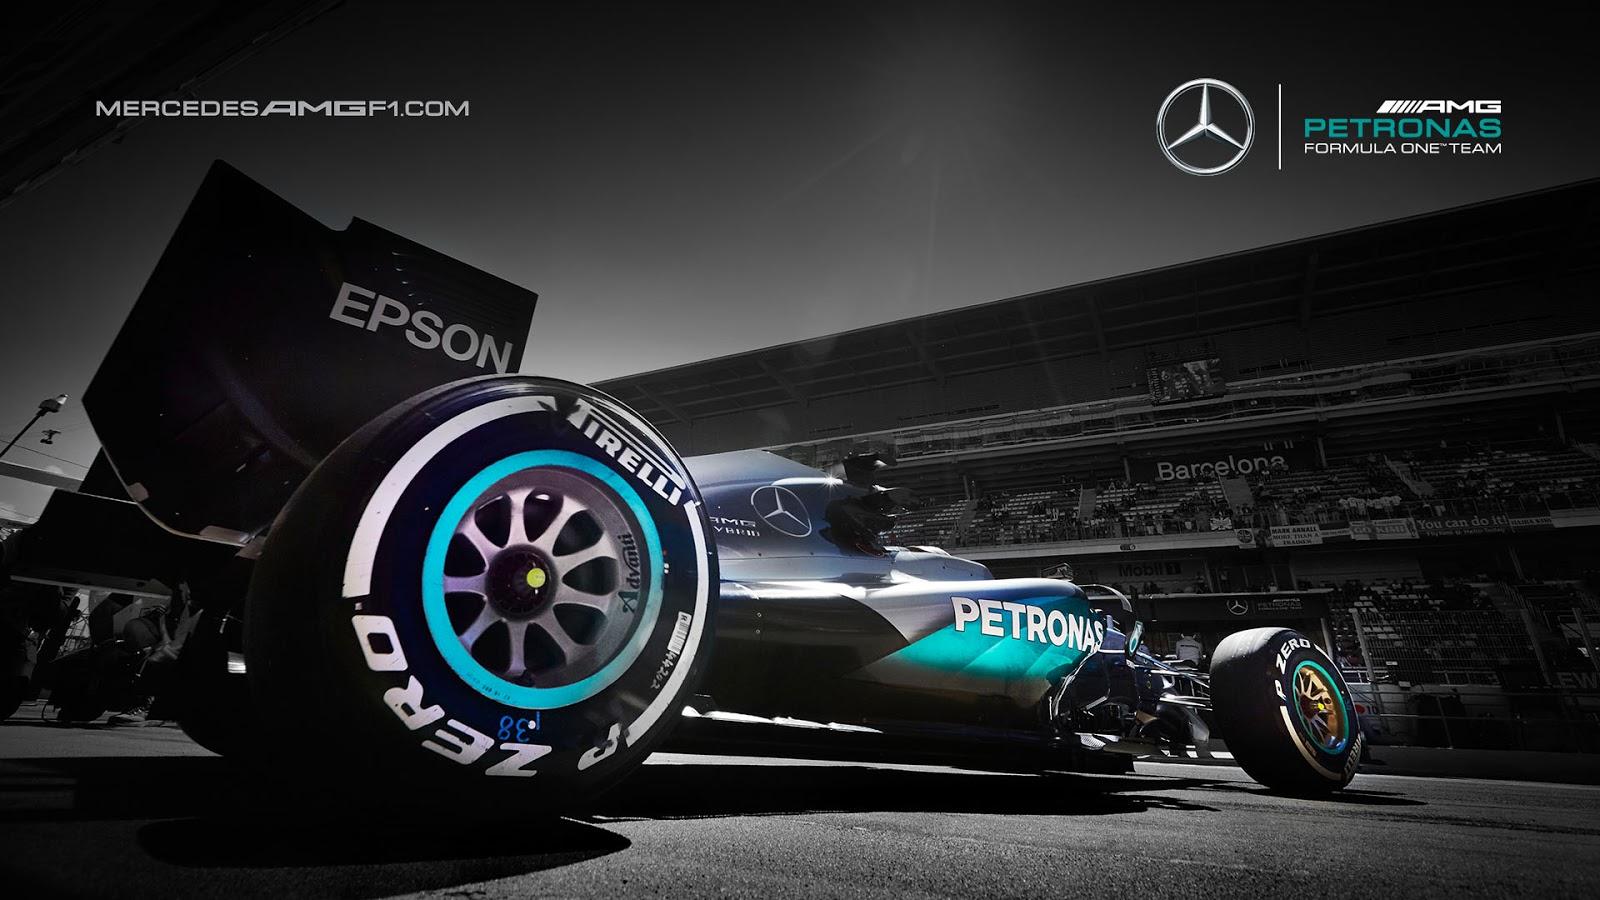 F Mercedes Benz Wallpaper Hd X